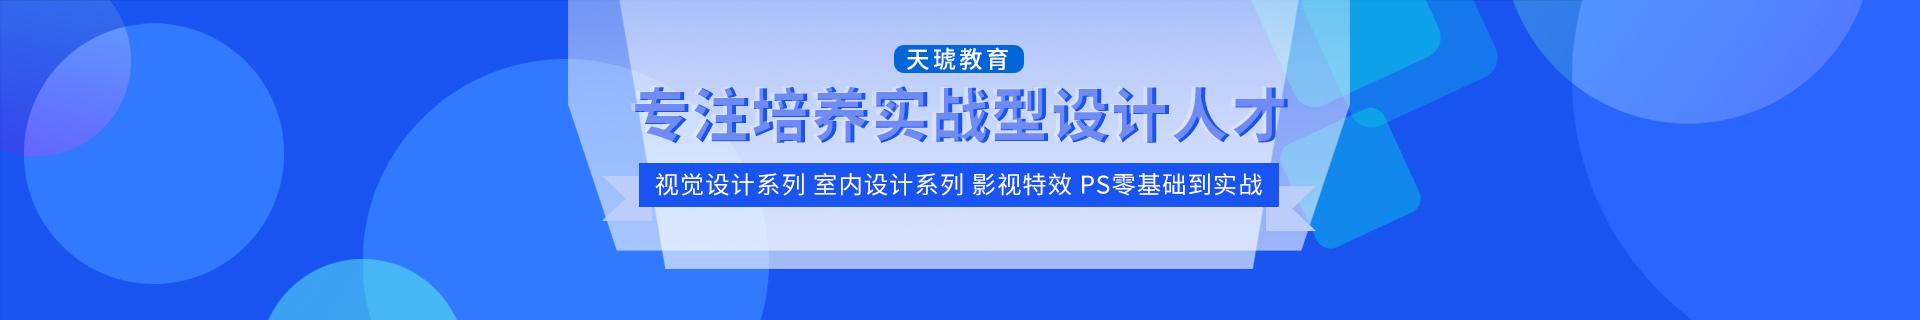 宜昌天琥教育培训机构